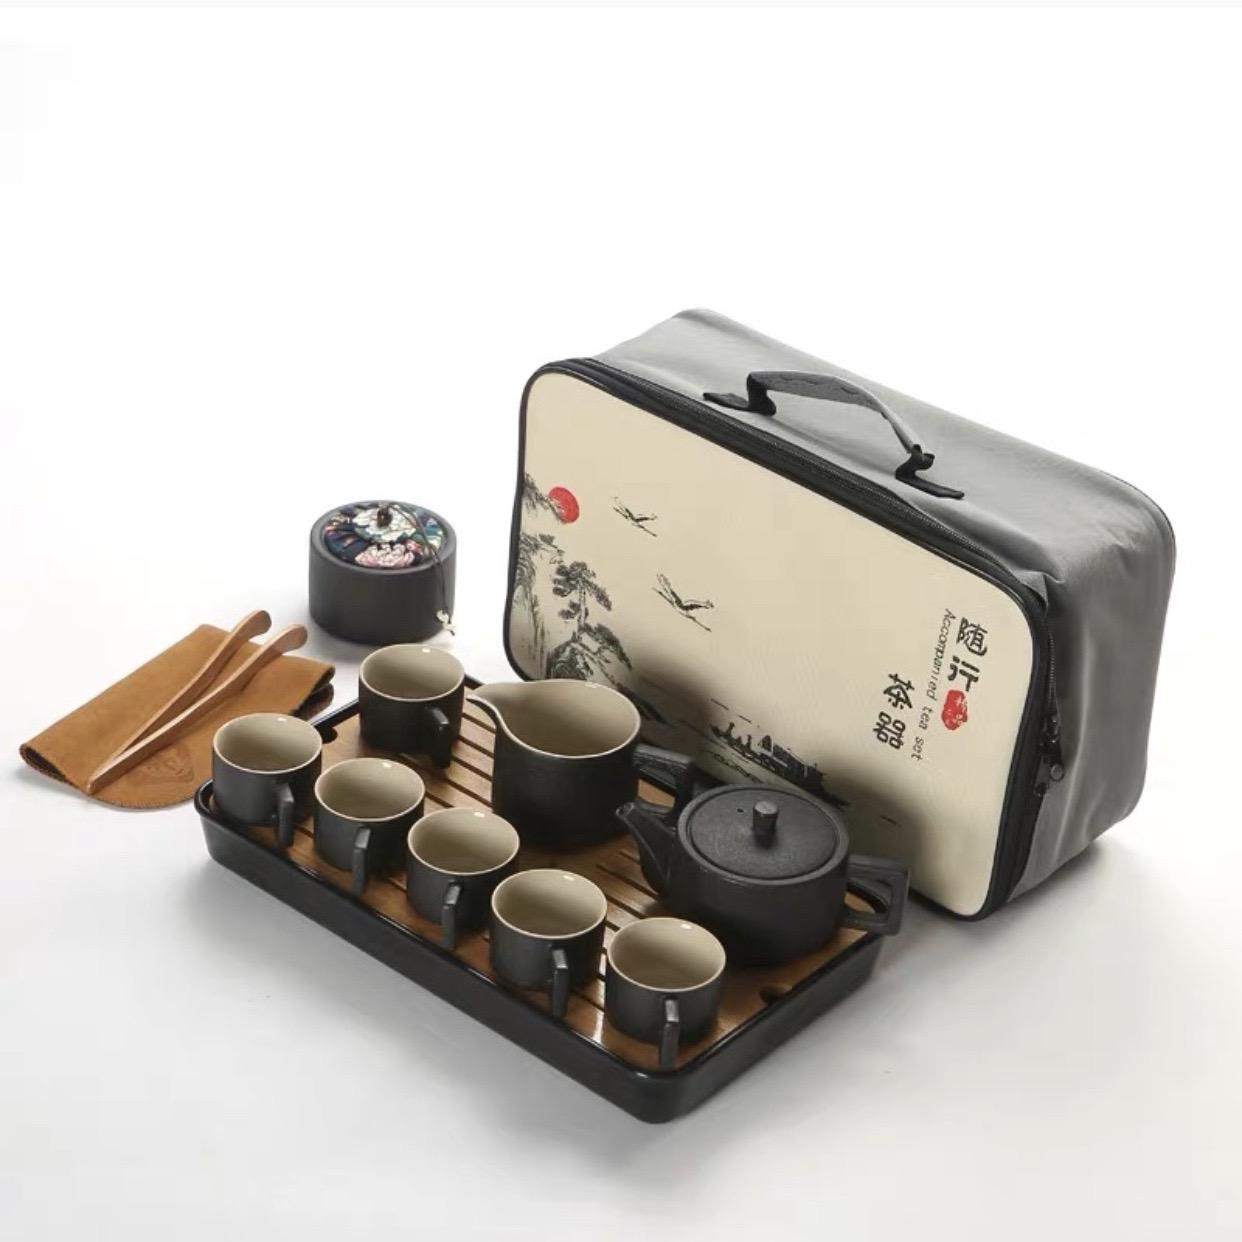 Bộ ấm pha trà đơn giản kiểu Nhật, gồm bình trà, hủ đựng trà, 6 ly trà, khay gỗ, túi xách tay